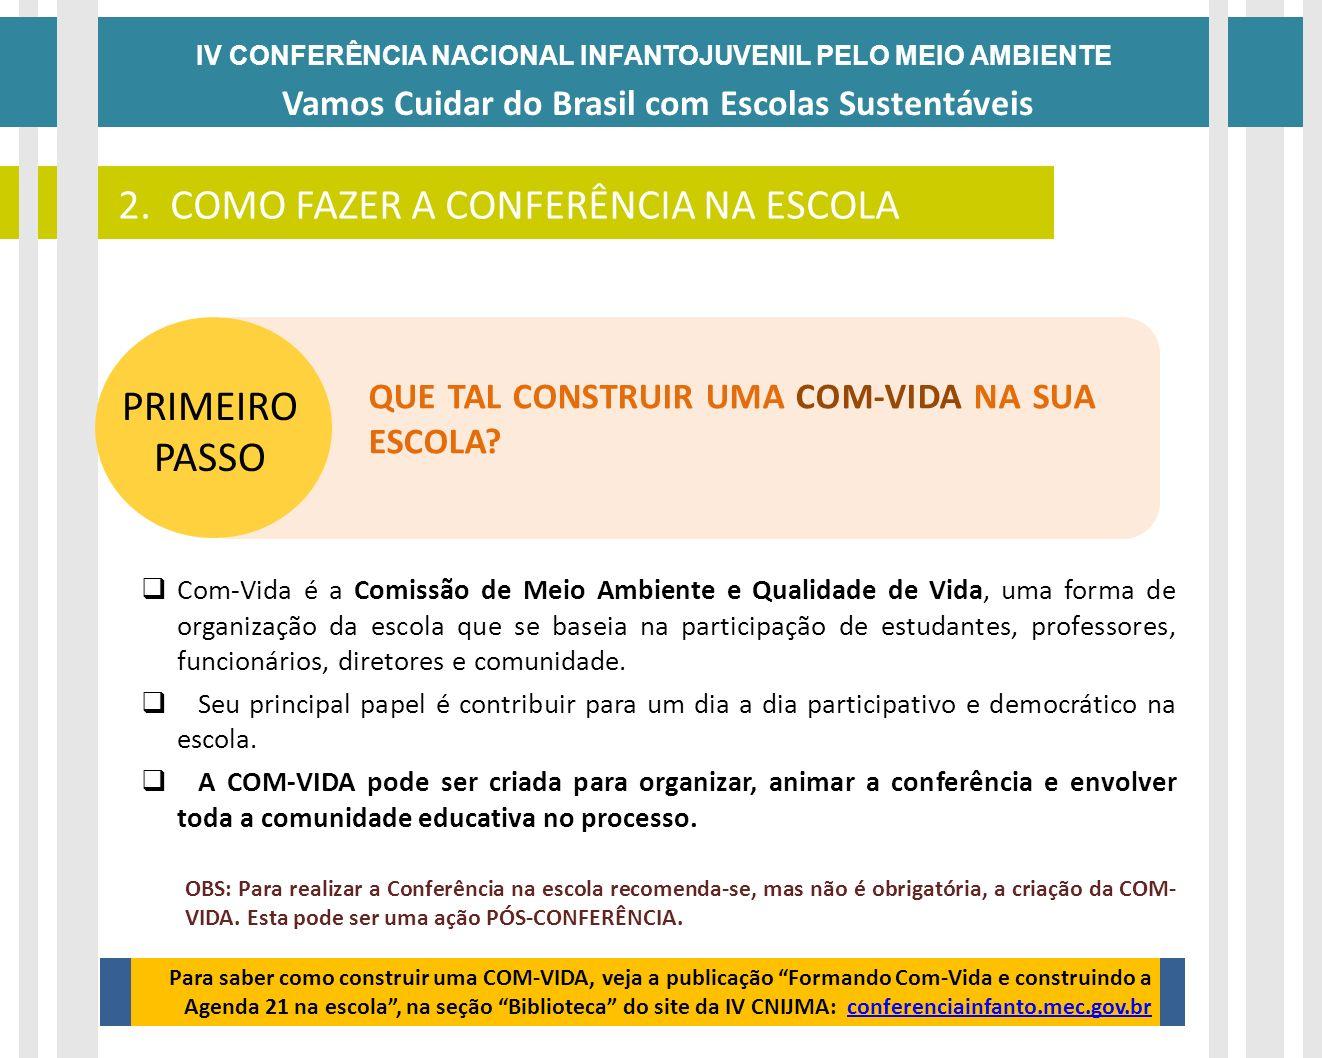 IV CONFERÊNCIA NACIONAL INFANTOJUVENIL PELO MEIO AMBIENTE Vamos Cuidar do Brasil com Escolas Sustentáveis COMO FAZER A CONFERÊNCIA NA ESCOLA? Com-Vida